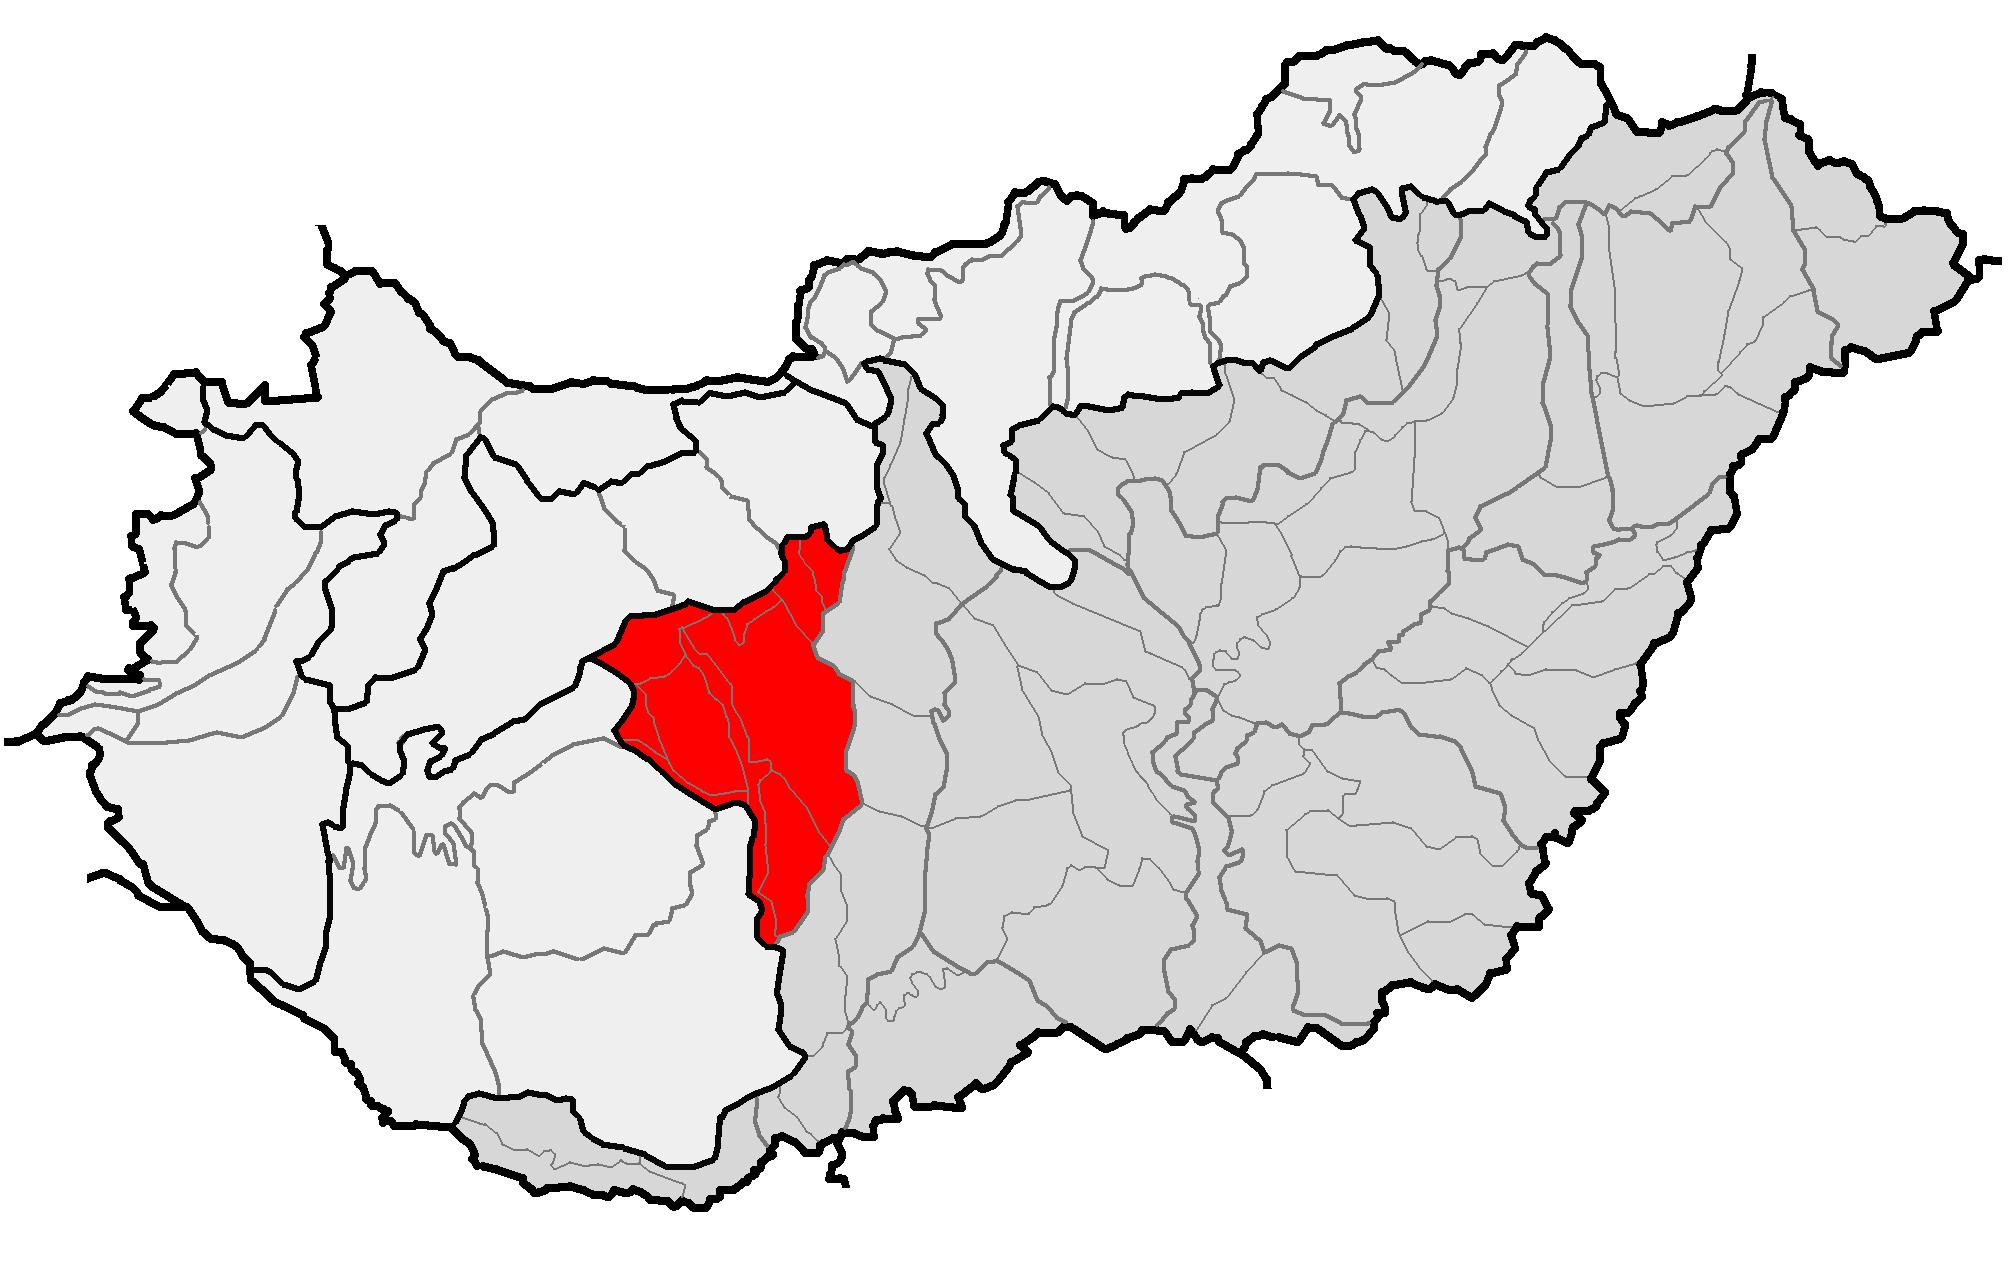 magyarország kistájai térkép Fájl:HU mesoregion 1.4. Mezőföld.png – Wikipédia magyarország kistájai térkép